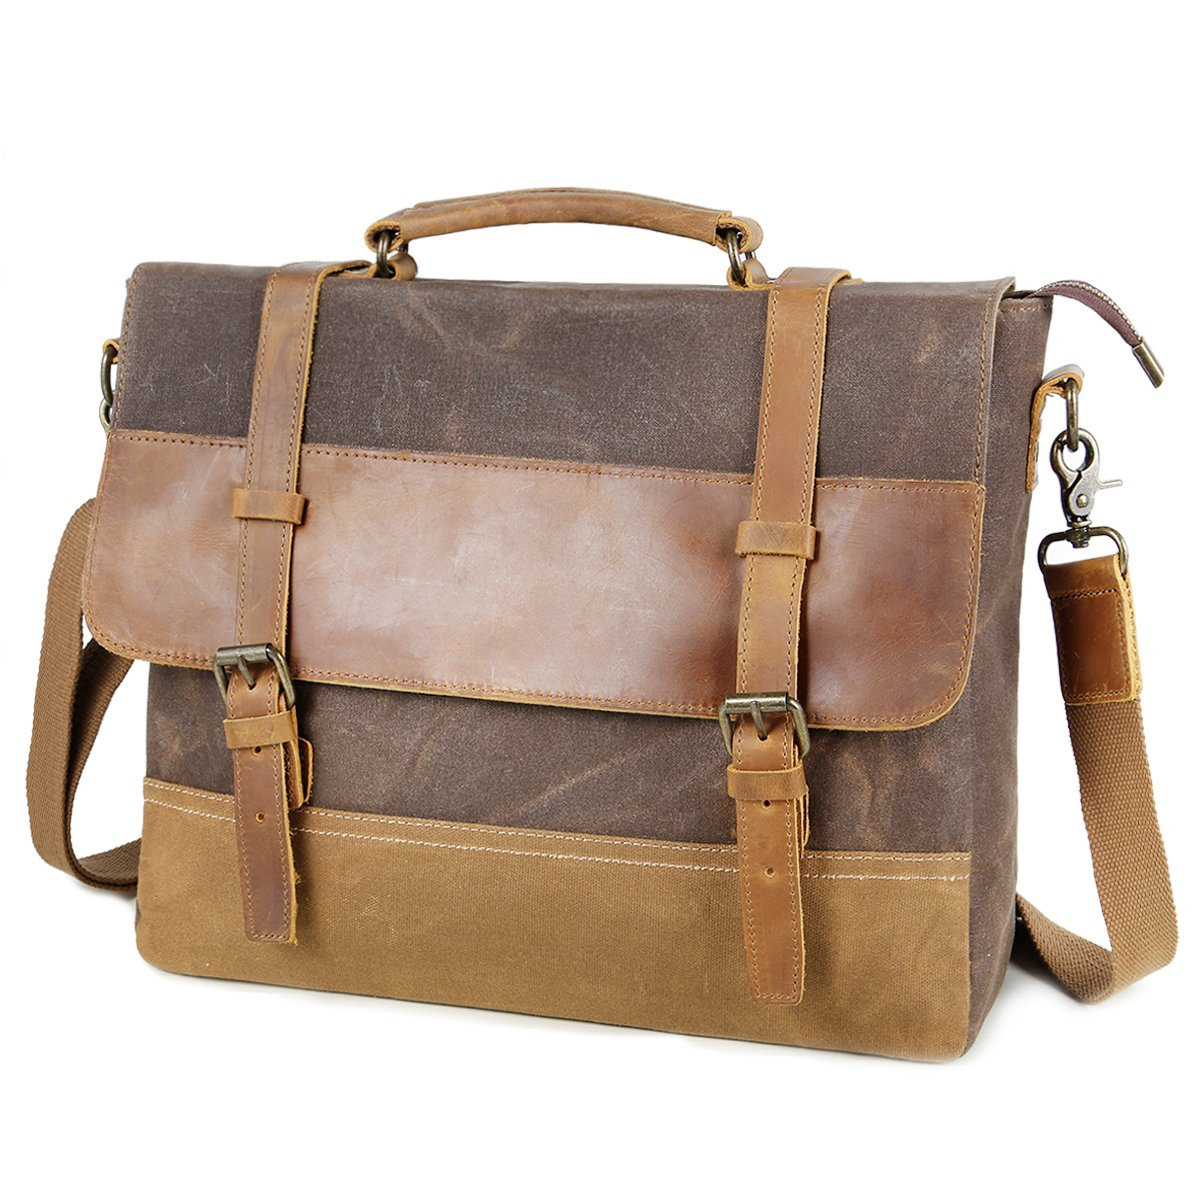 76f2716e2bca Tocode Men s Messenger Bag 14 Inch